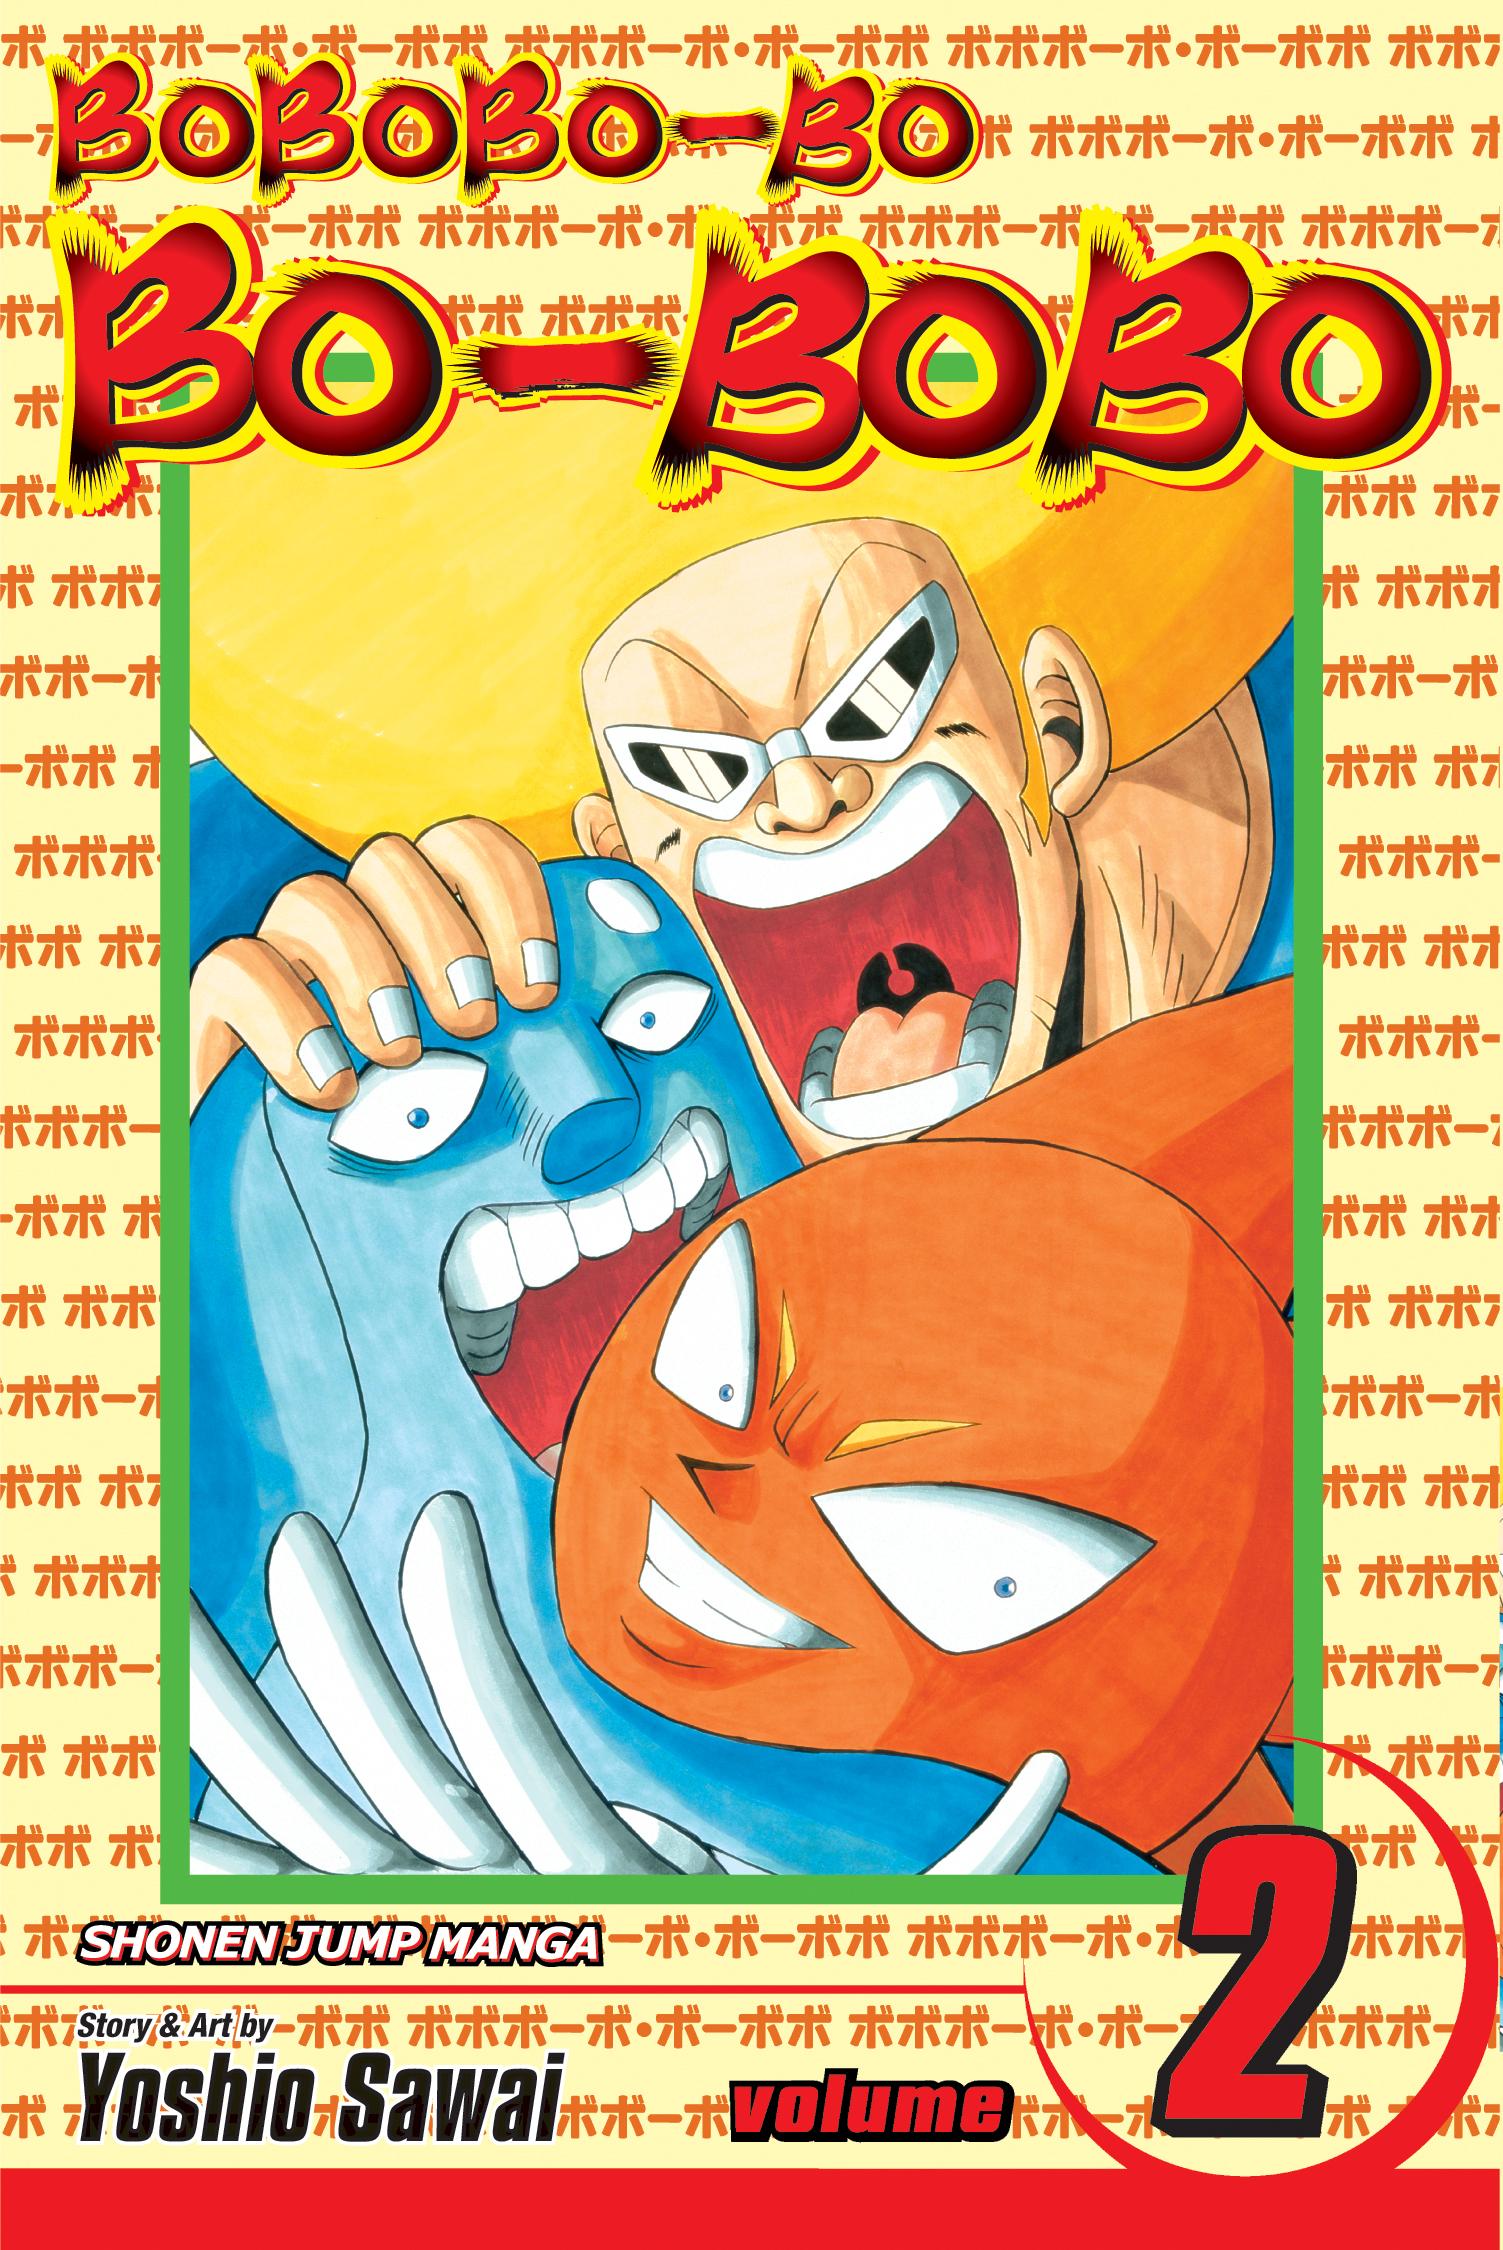 Bobobo Bo Bo Bobo Vol 2 Sj Edition Book By Yoshio Sawai